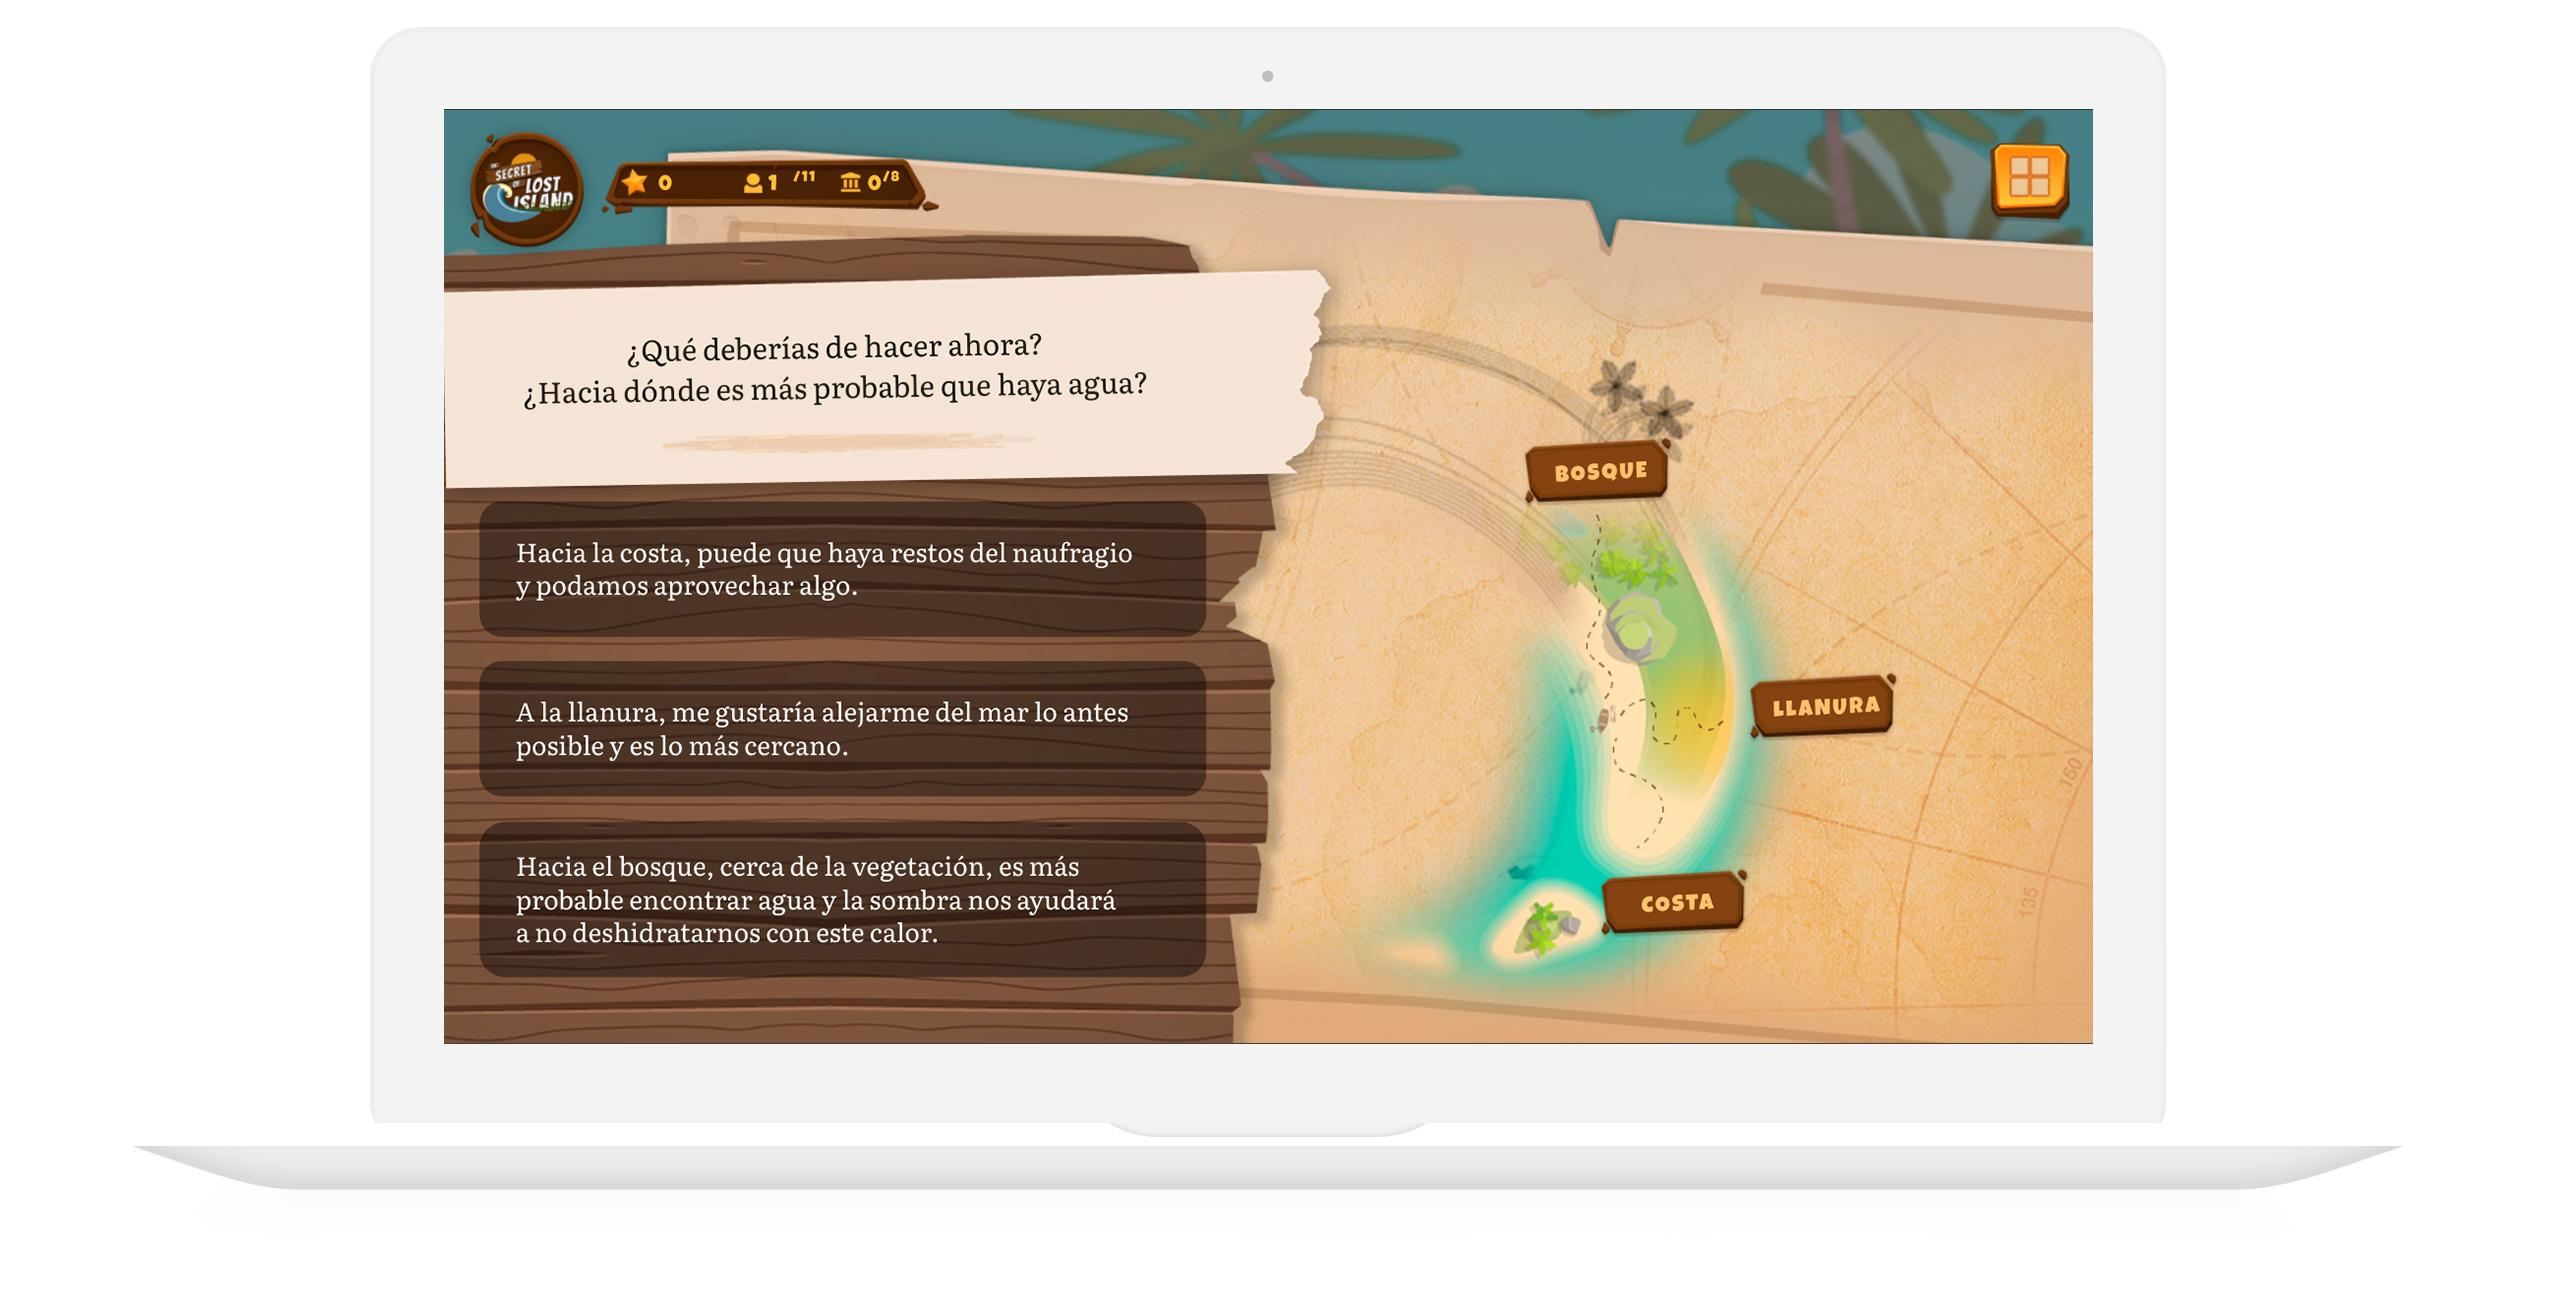 Cómo el juego de roles online puede ser una gran herramienta para el elearning